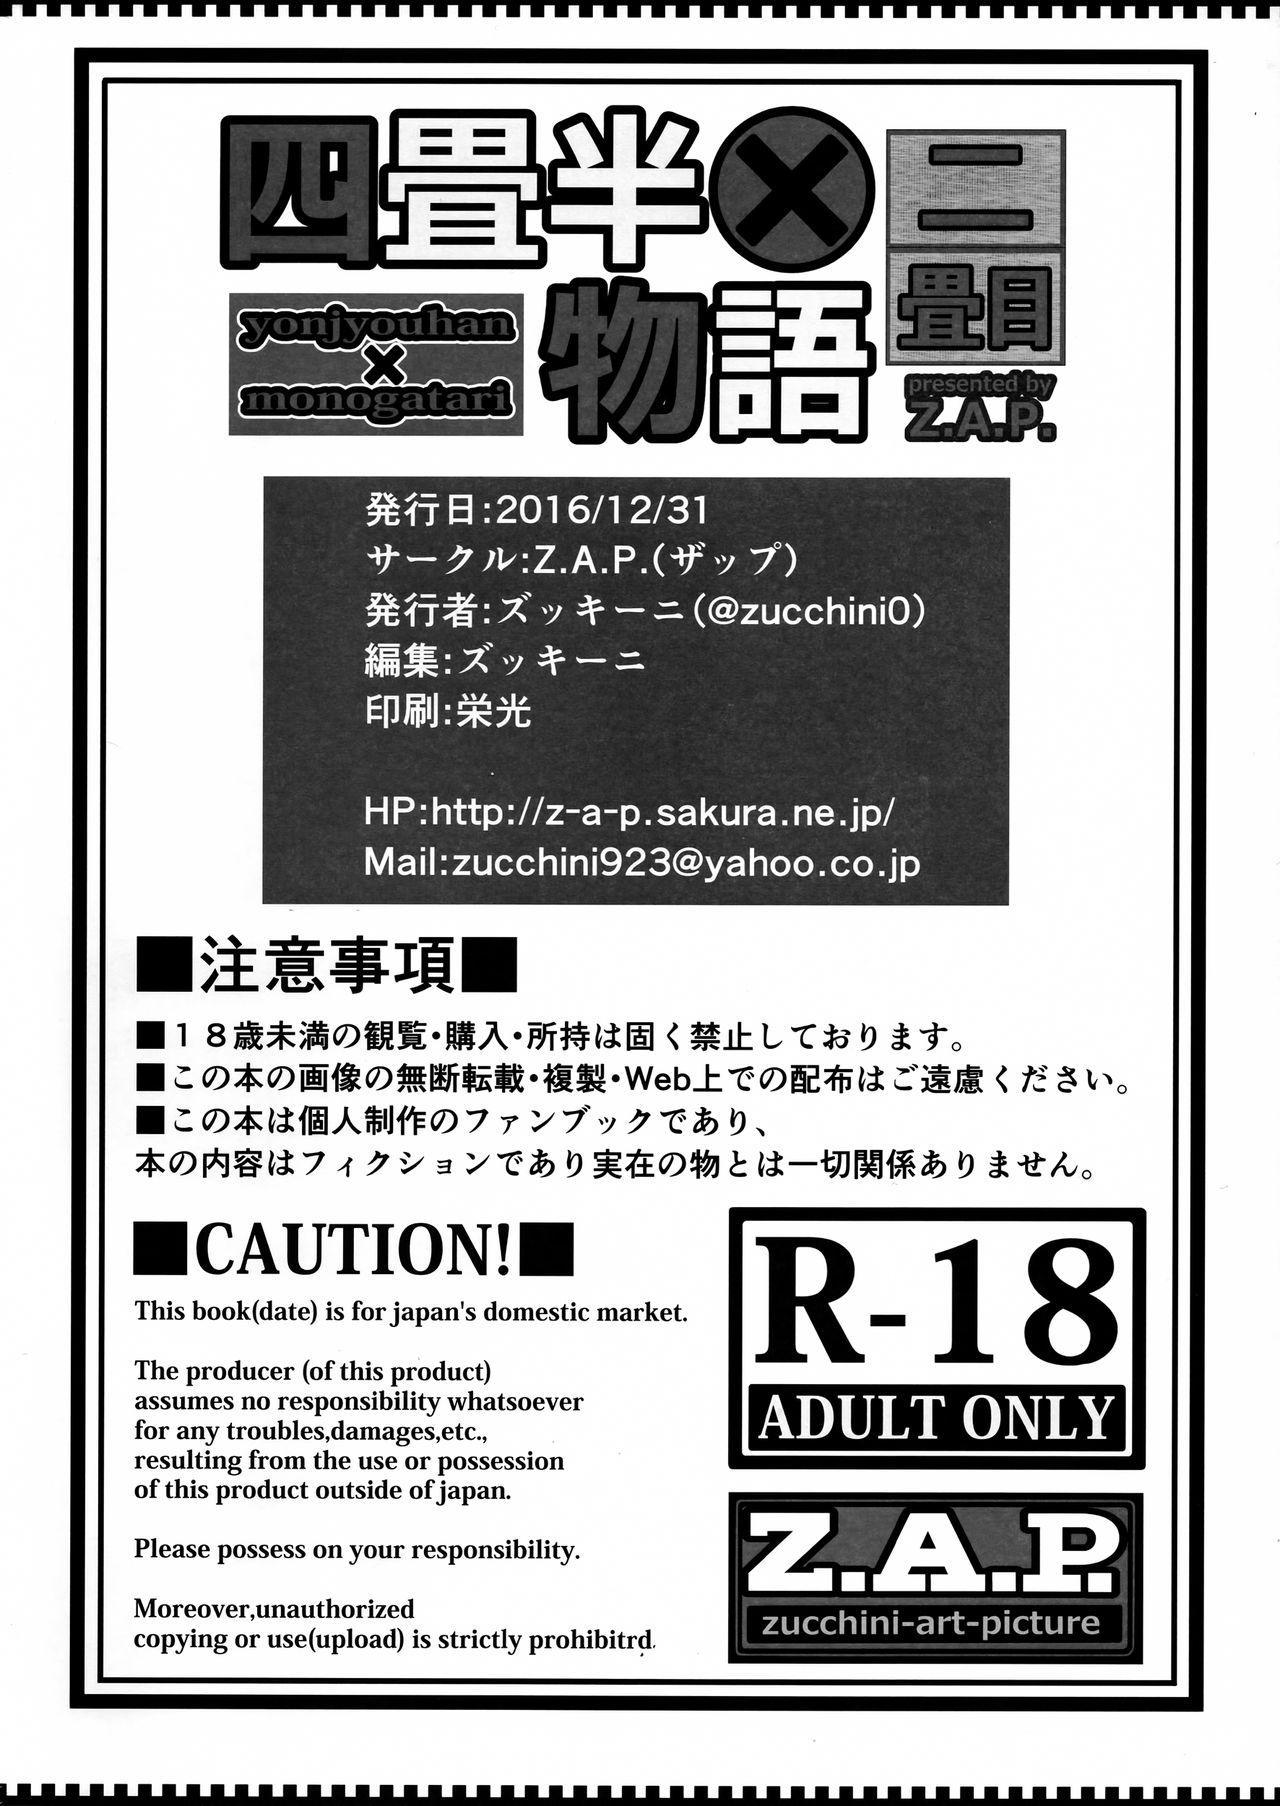 Yonjyouhan x Monogatari Nijoume 33